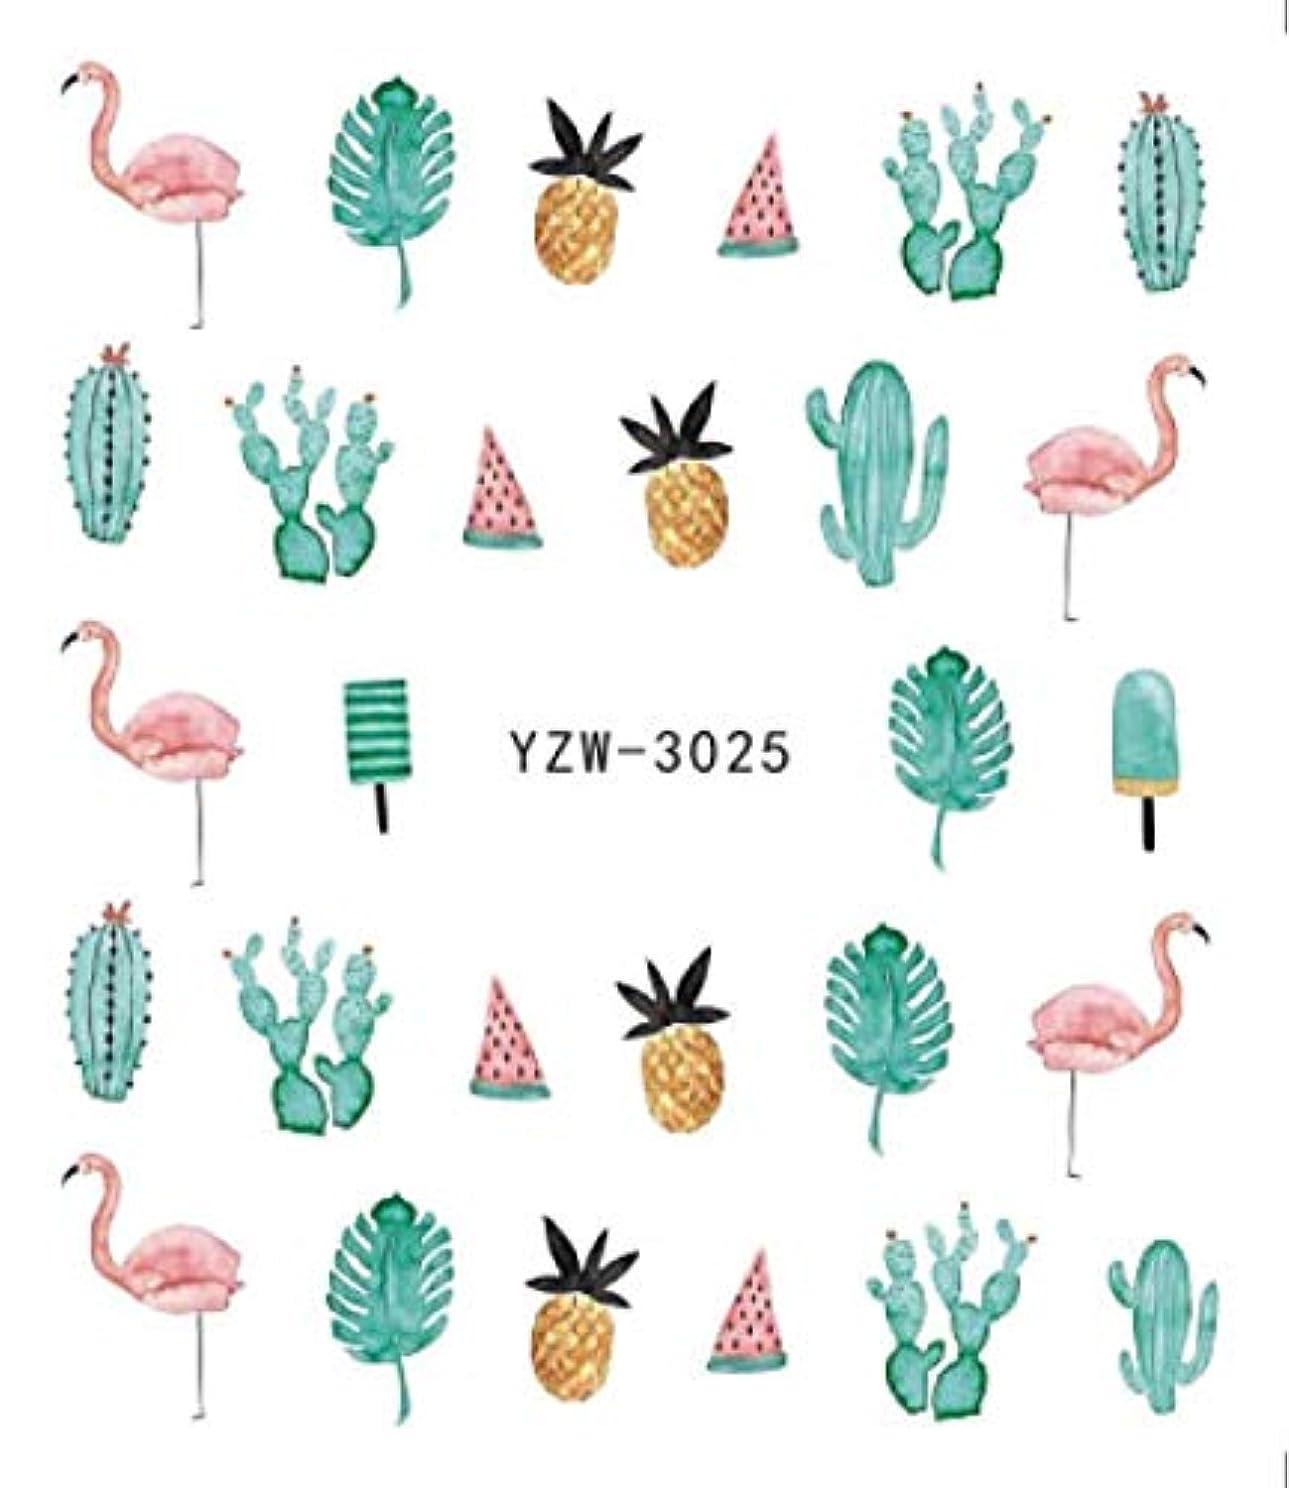 SUKTI&XIAO ネイルステッカー 甘いフルーツネイルアート水転写ステッカーネイルデコレーションセット女性メイクアップdiy美容入れ墨ツール、Yzw-3025